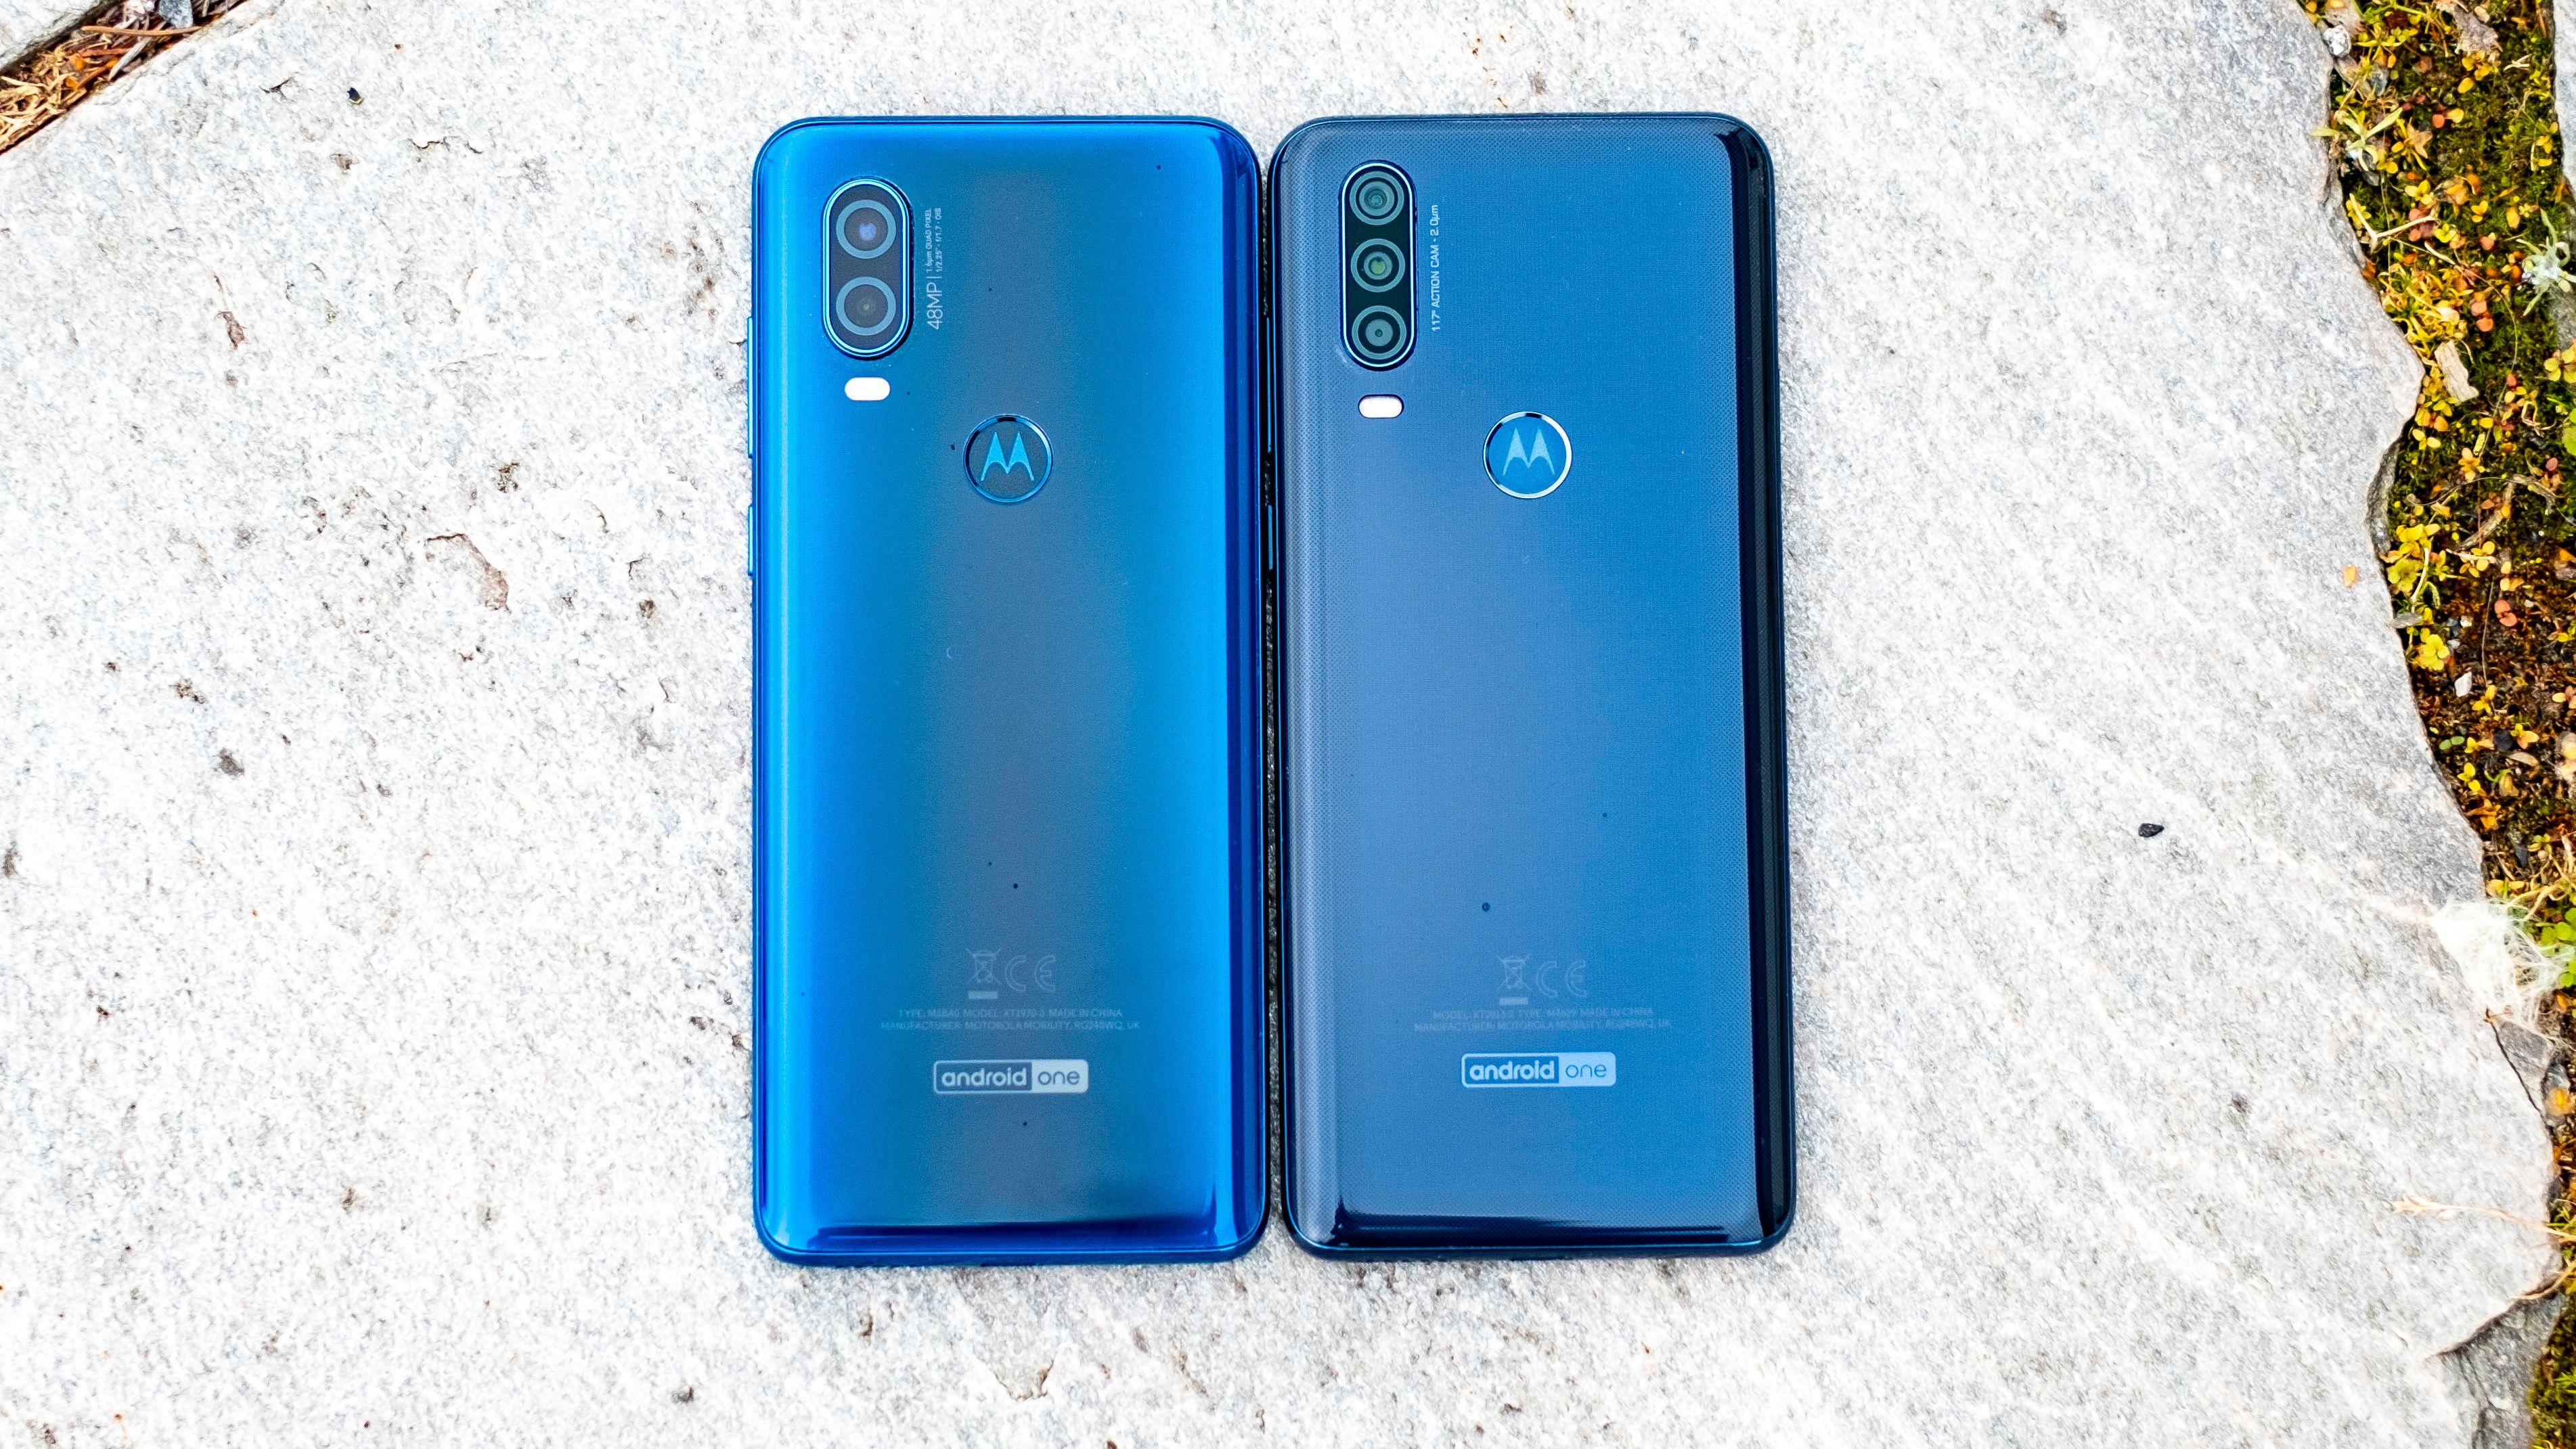 Begge telefonene er værsikret – noe som er uvanlig bra i denne prisklassen. Men for en telefon som skal gjøre nytte som sportskamera hadde vi foretrukket en enda litt tettere sertifisering enn IPX2.